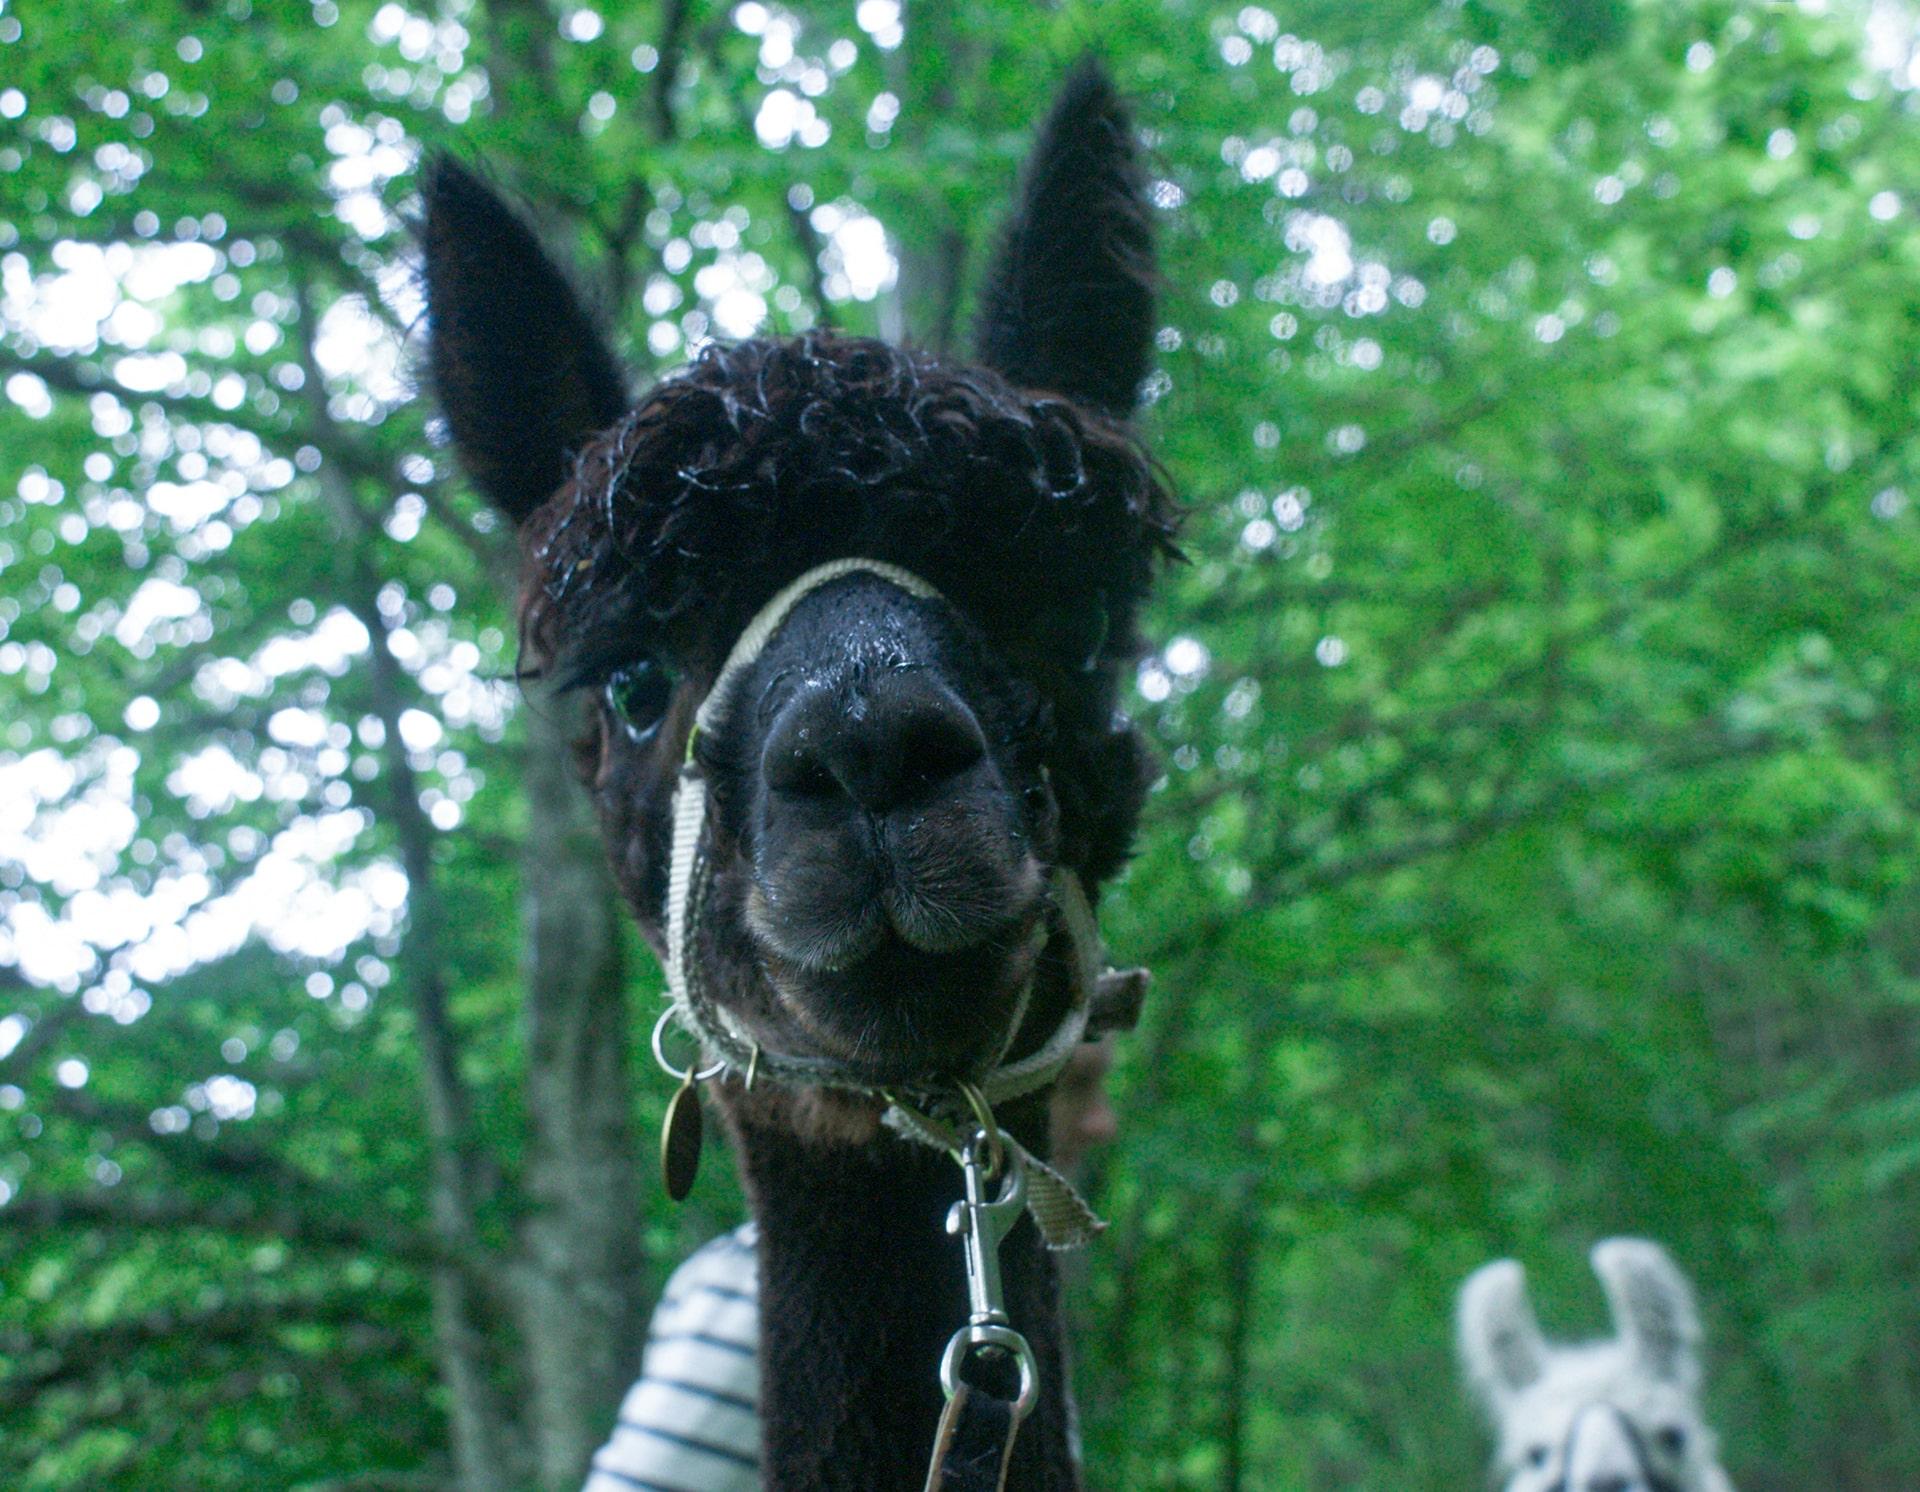 Blog Lifestyle - Les lamas et alpagas, des animaux d'une autre planète - Suivre sa Joie - Saskia Parein